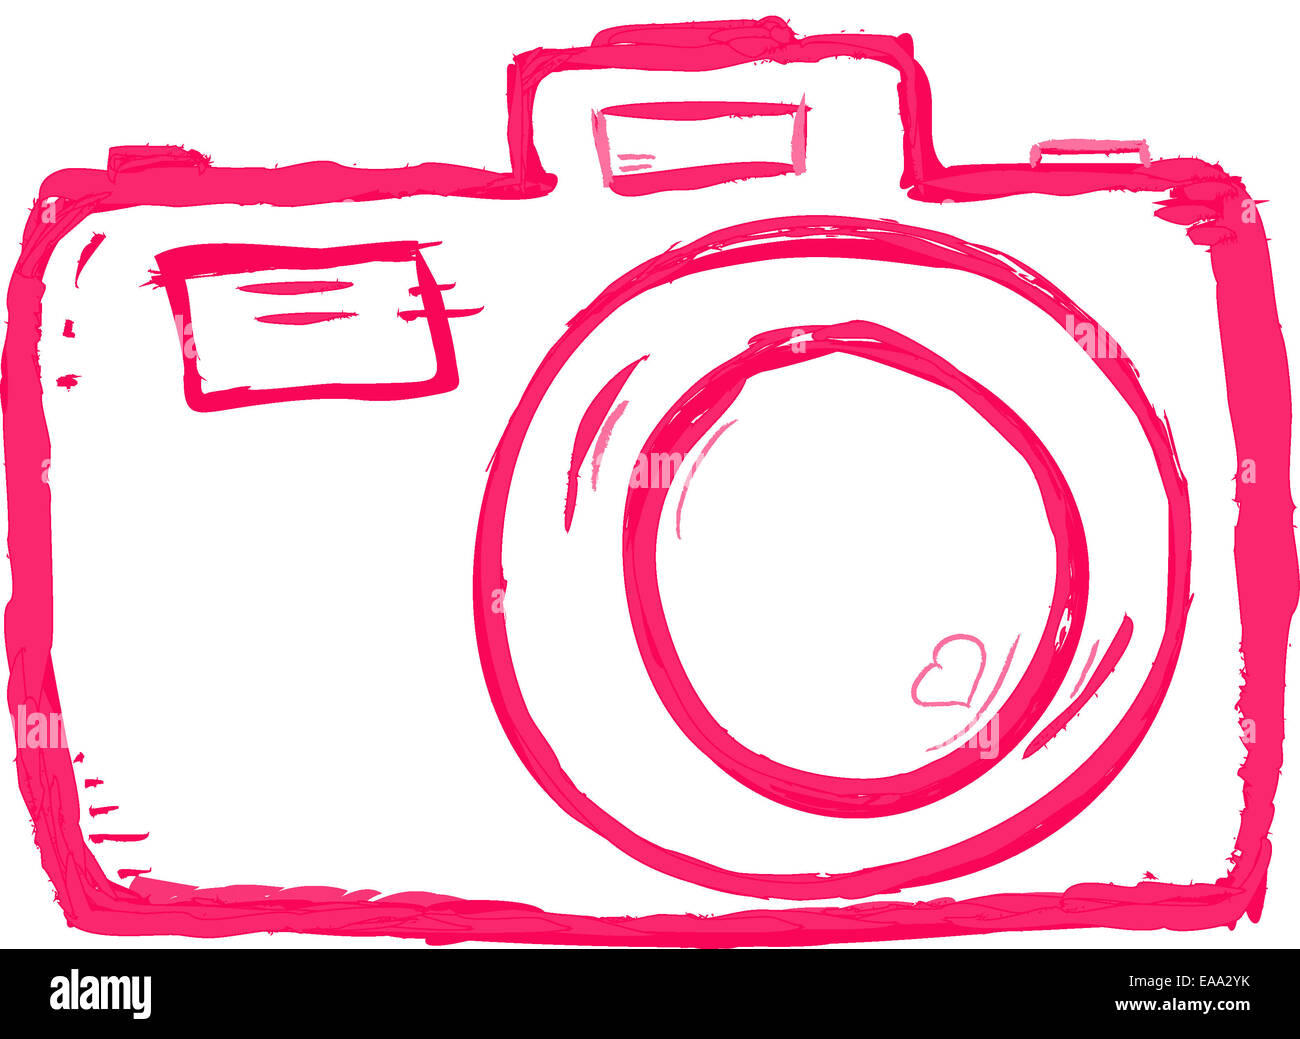 La main de l'appareil photo sur fond blanc Banque D'Images